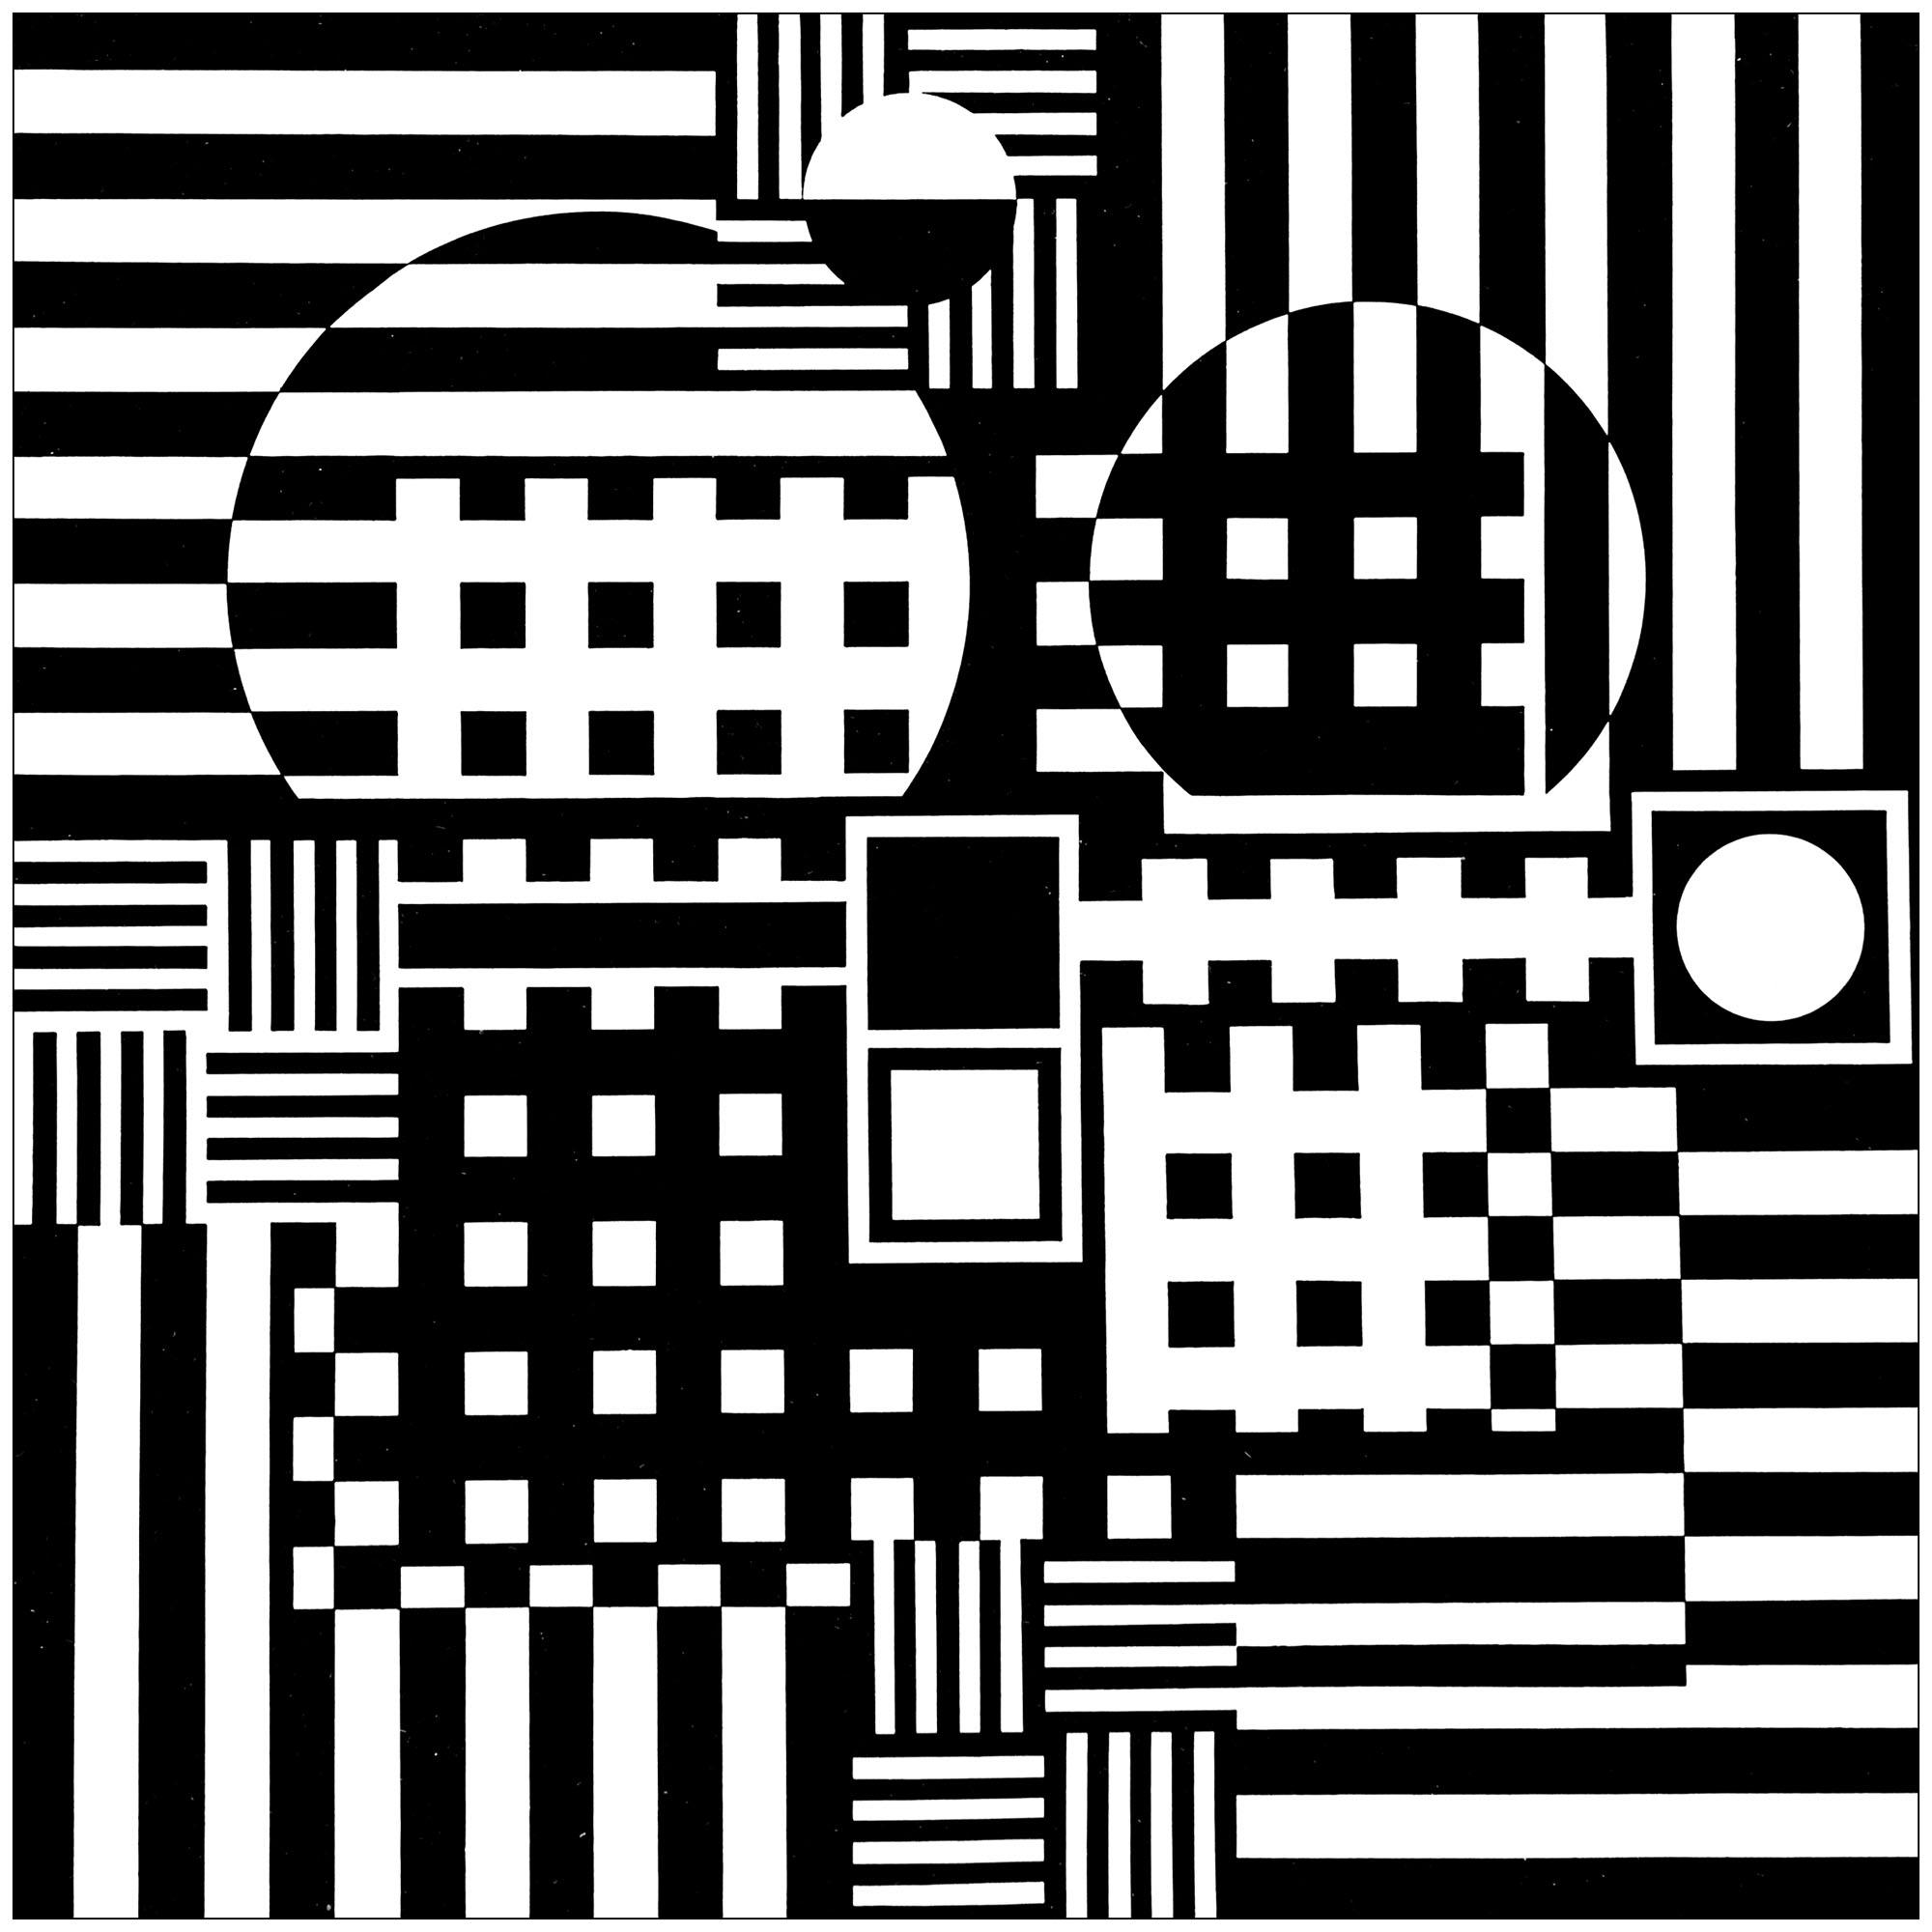 Coloriage créé à partir du tableau 'Jeruza' de Victor Vasarely (1957)